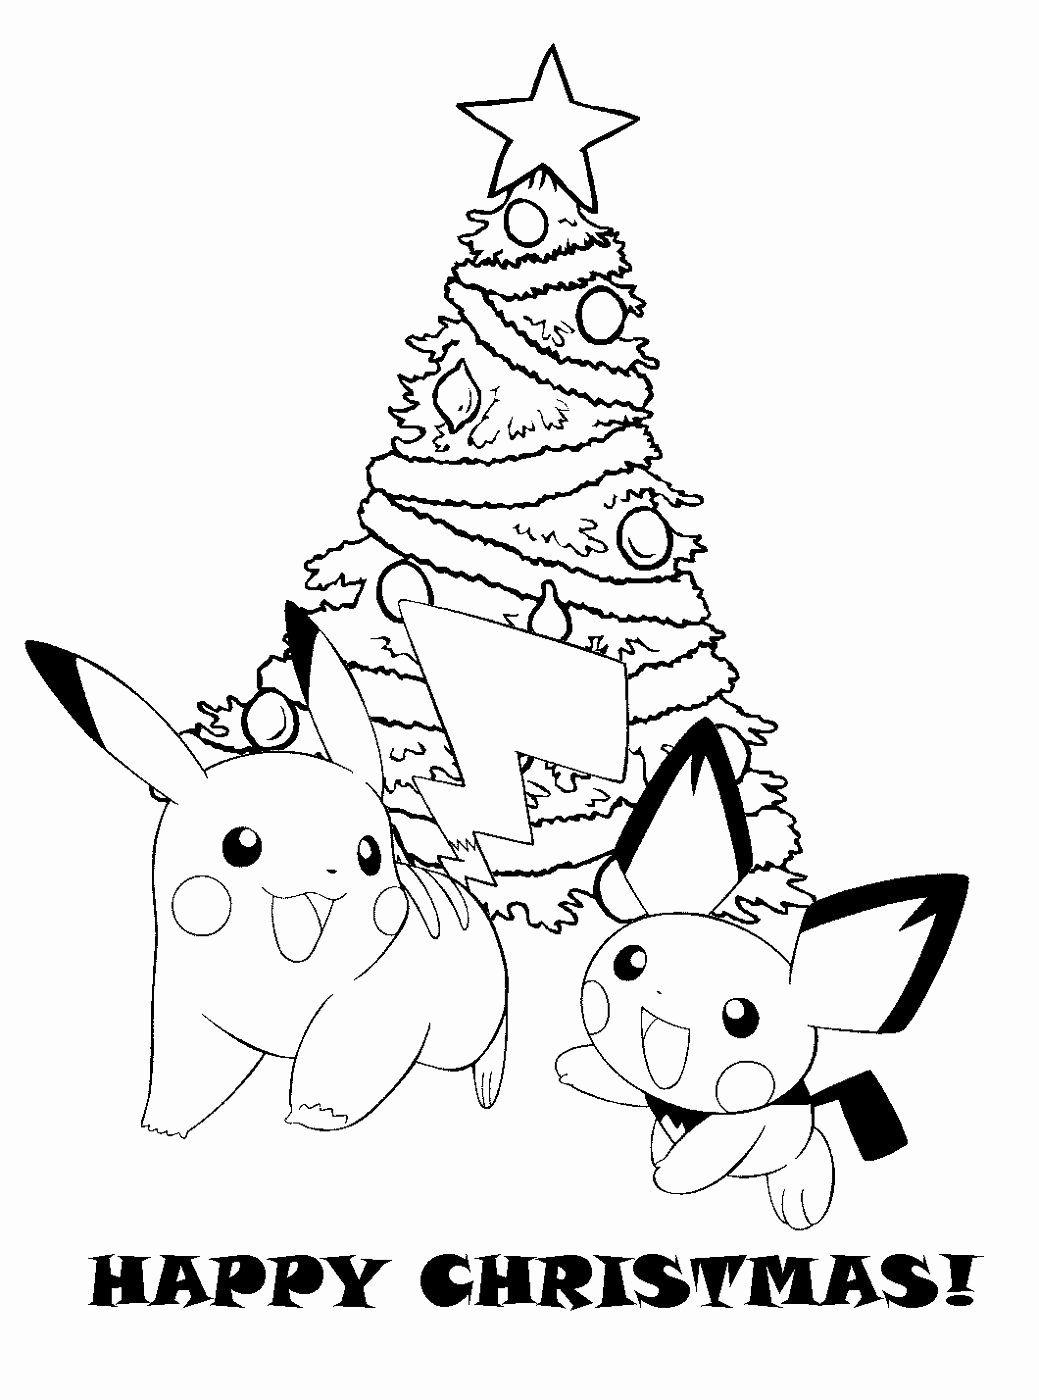 Christmas Pokemon Coloring Pages Unique Pokemon Christmas Coloring Pages K5 Worksheets Pokemon Coloring Pages Christmas Pokemon Pokemon Coloring